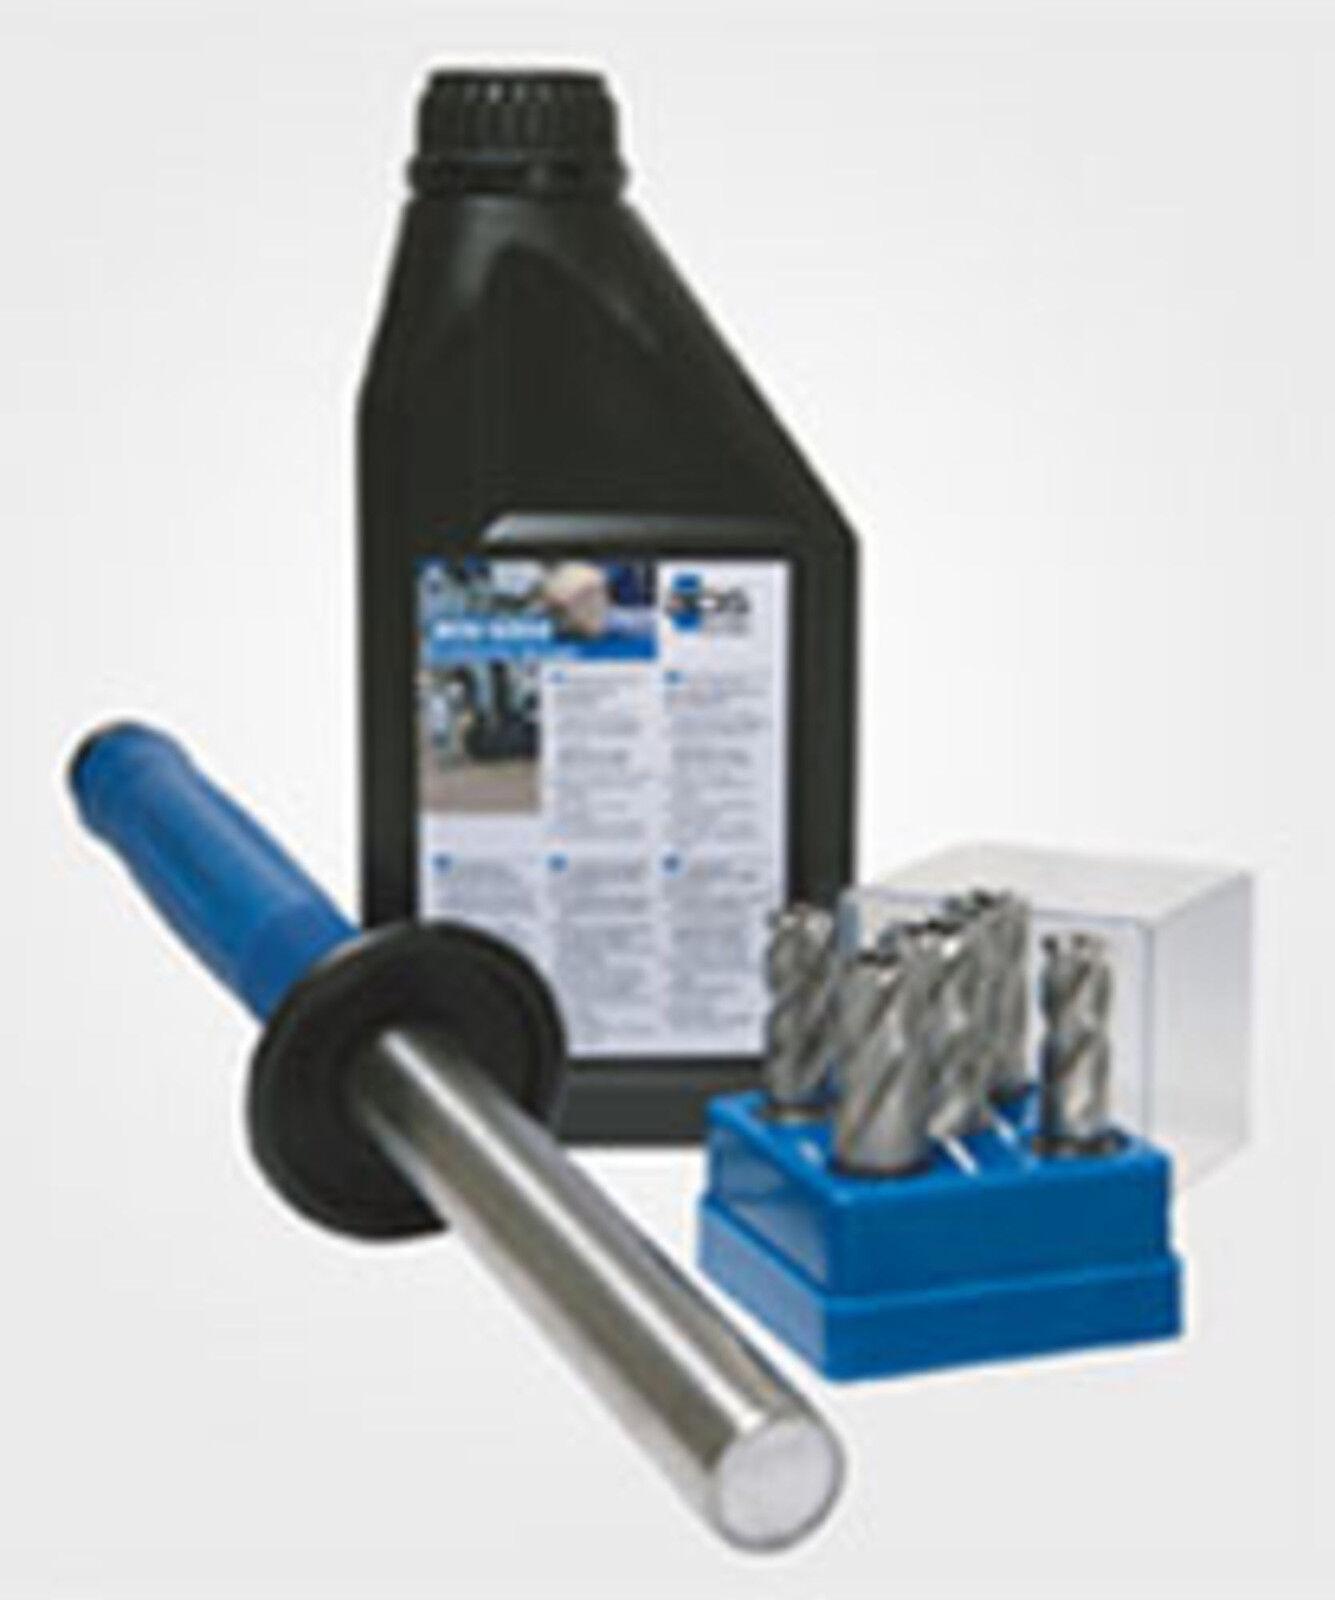 BDS Starter-Kit ZST 100 - Set Besteehend aus Power Worker BDS 5000 und Bohrer | Up-to-date-styling  | Hohe Qualität und günstig  | Neuheit  | Verbraucher zuerst